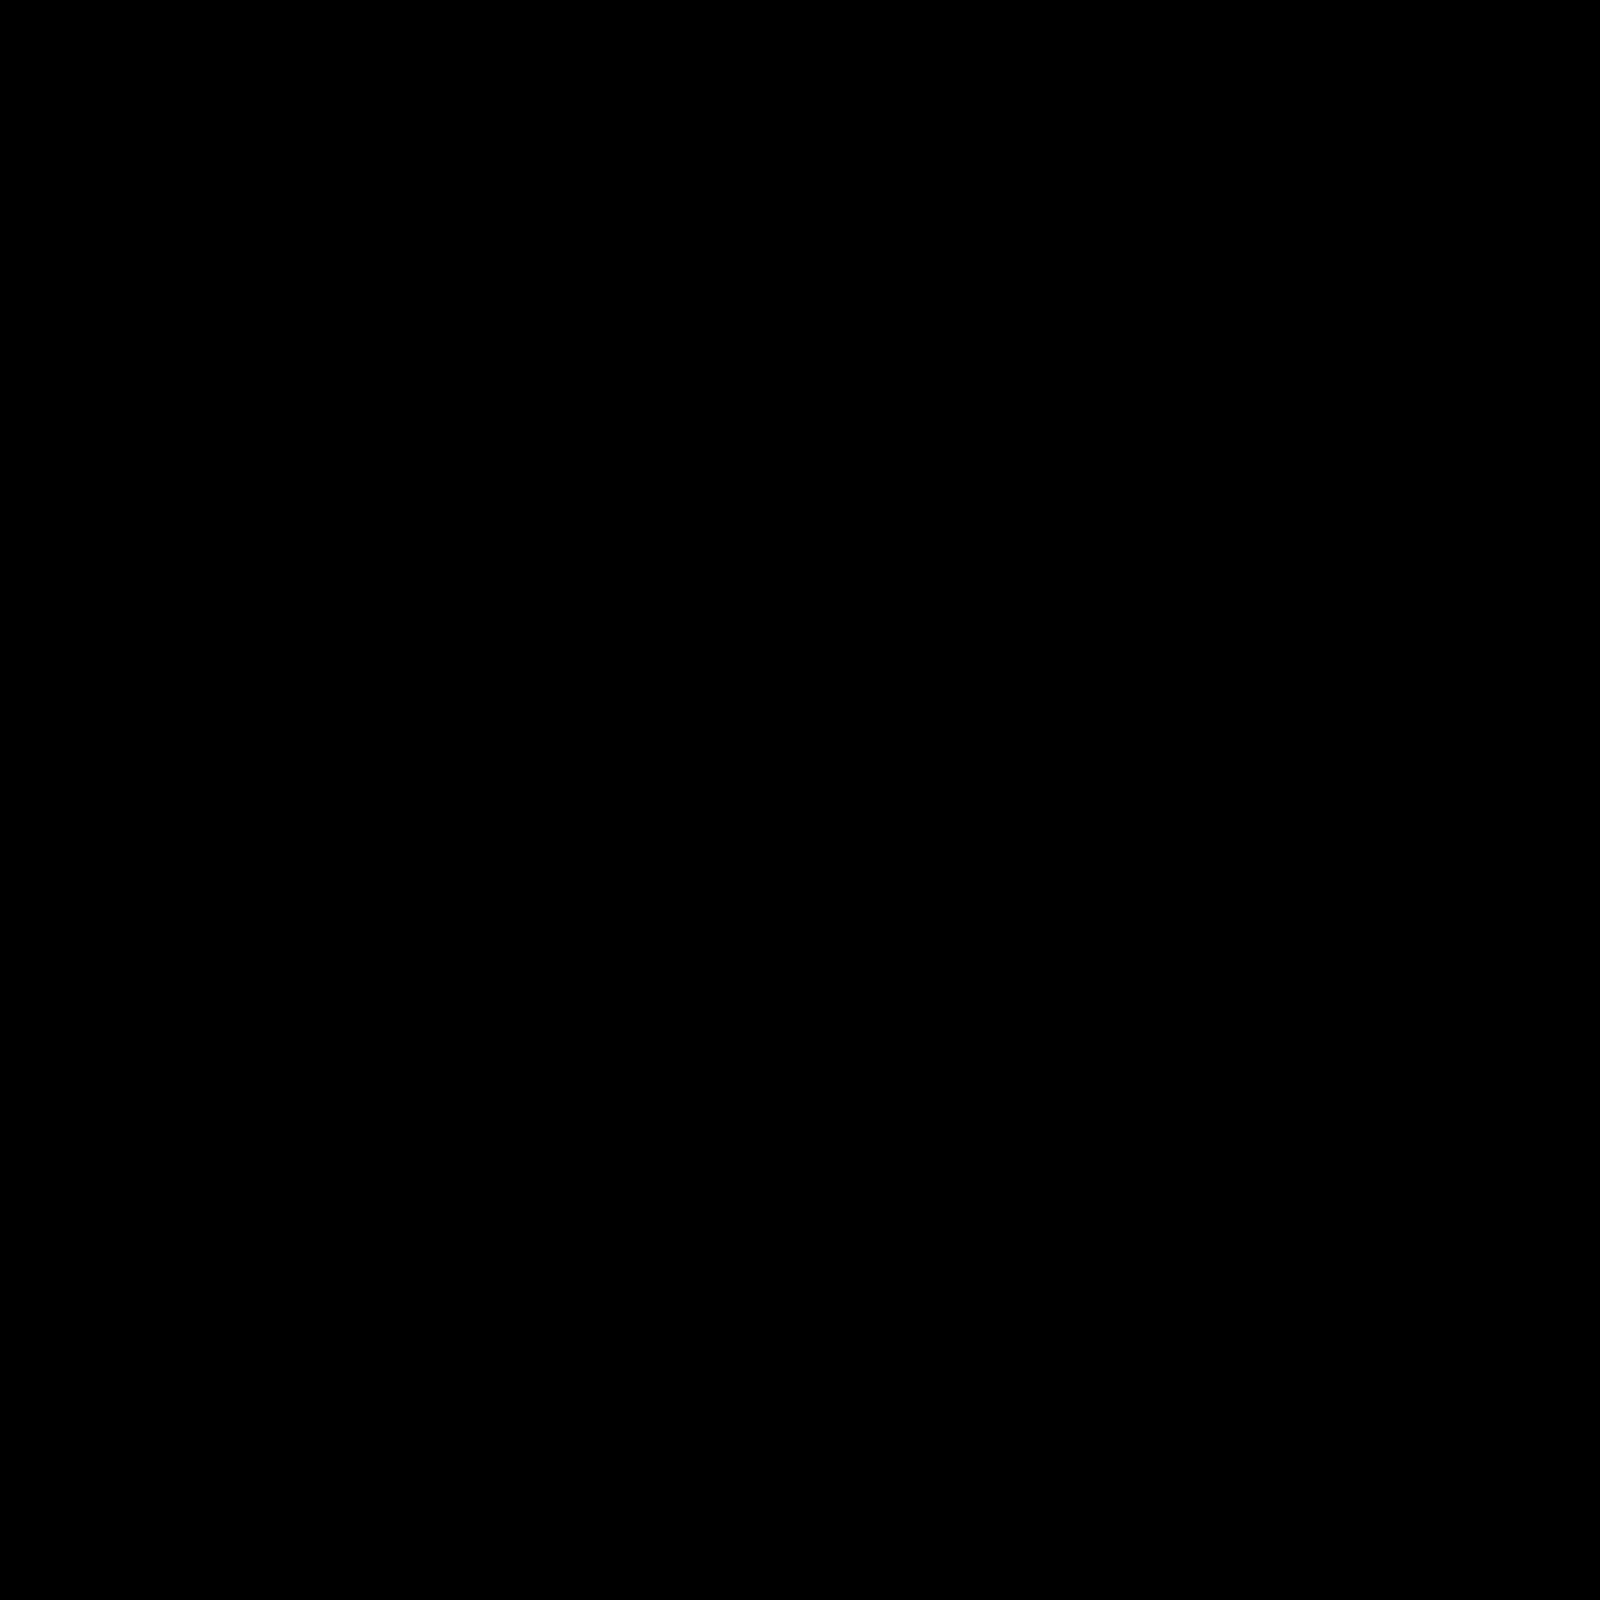 盆栽 icon. This is a picture of a potted plant. the plant is growing and has two leaves, one a bit larger than the other. the pot it's in is very plain with a base and rim. the leaves are facing opposite directions (left and right).